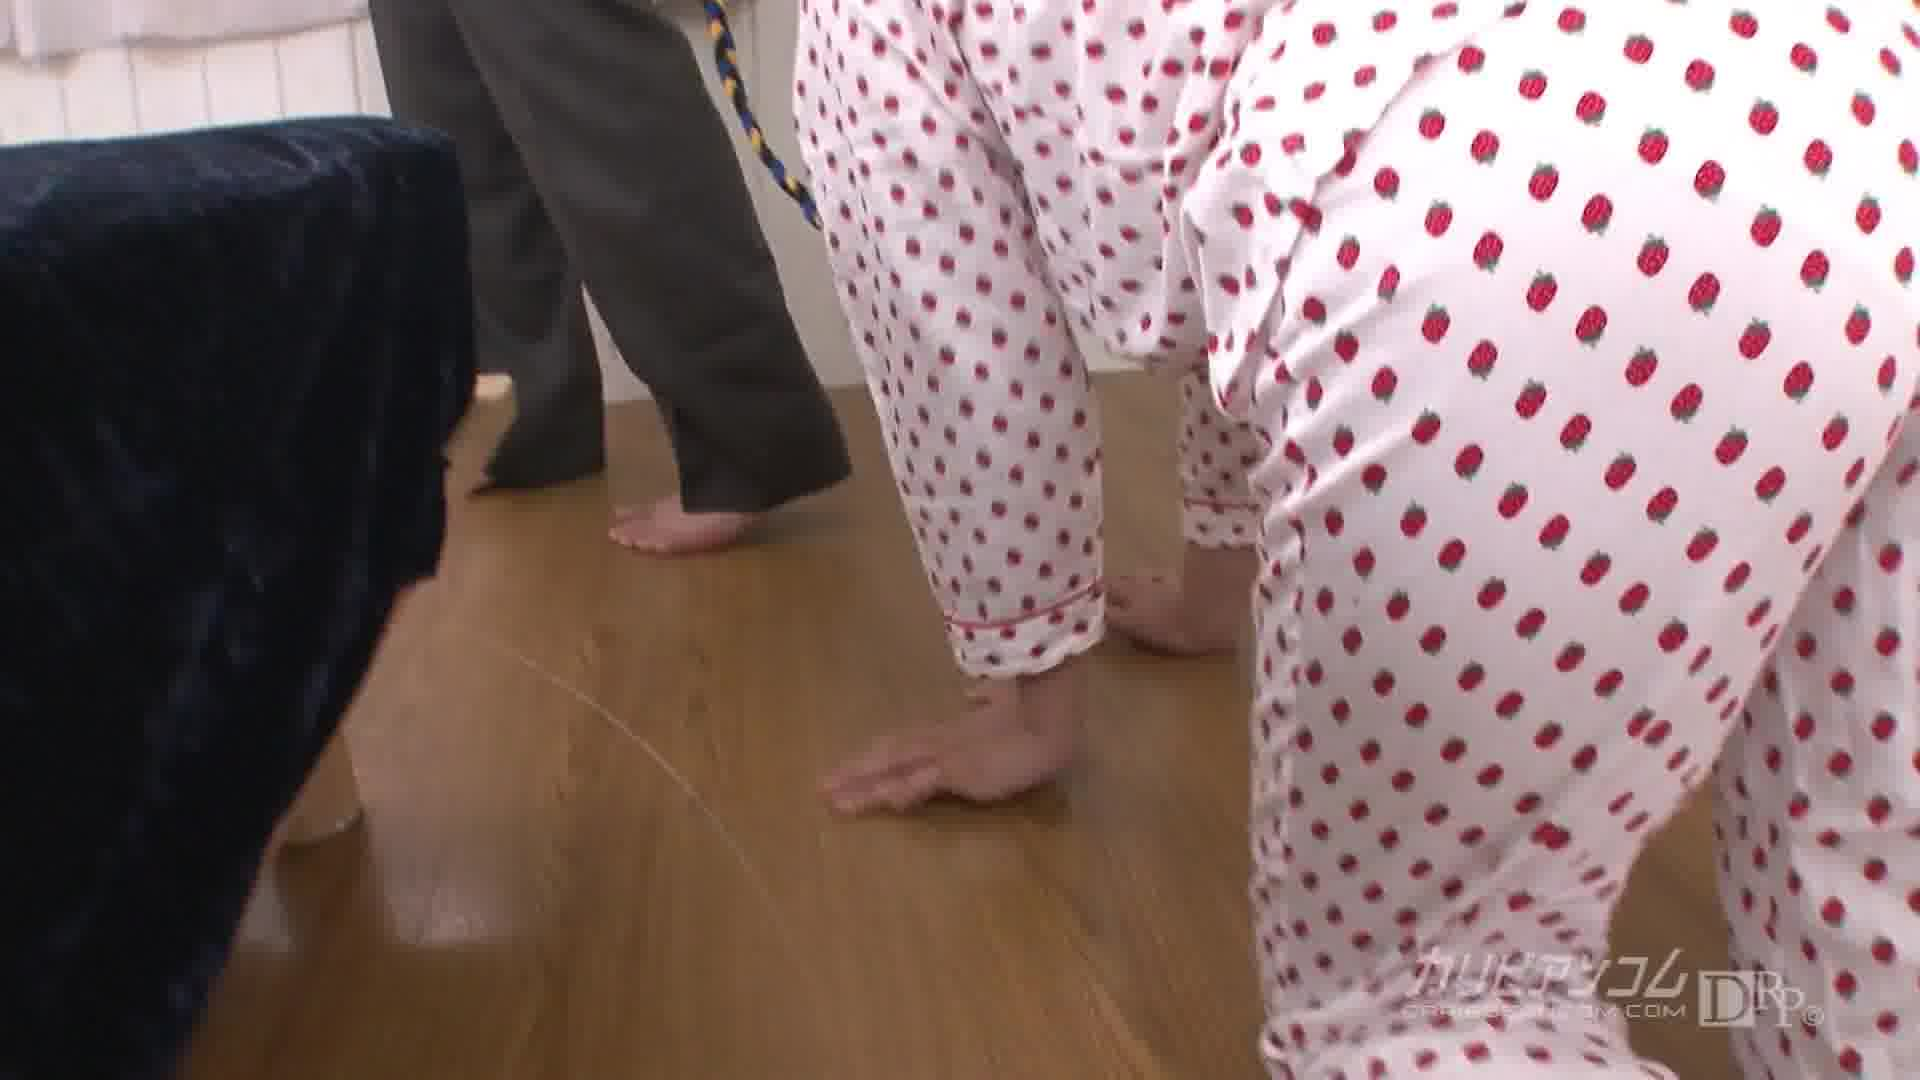 濡れる狂淫学園 特別性教育編 - 星野あいか【ギャル・コスプレ・パイパン】